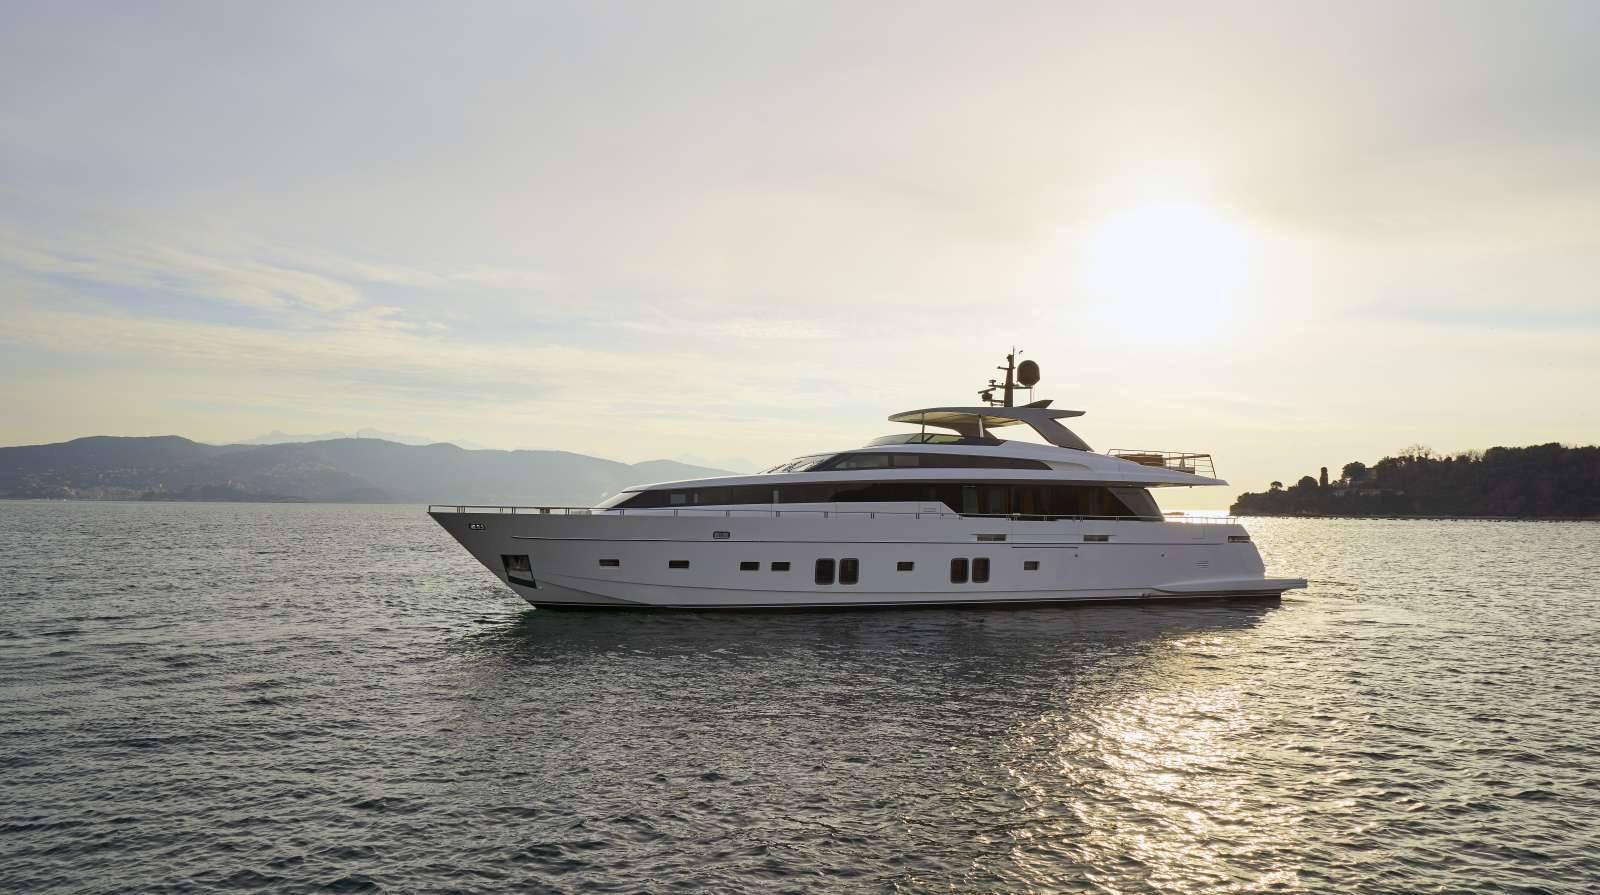 Arredamneti su misura per barche e per tutto il comparto nautico.